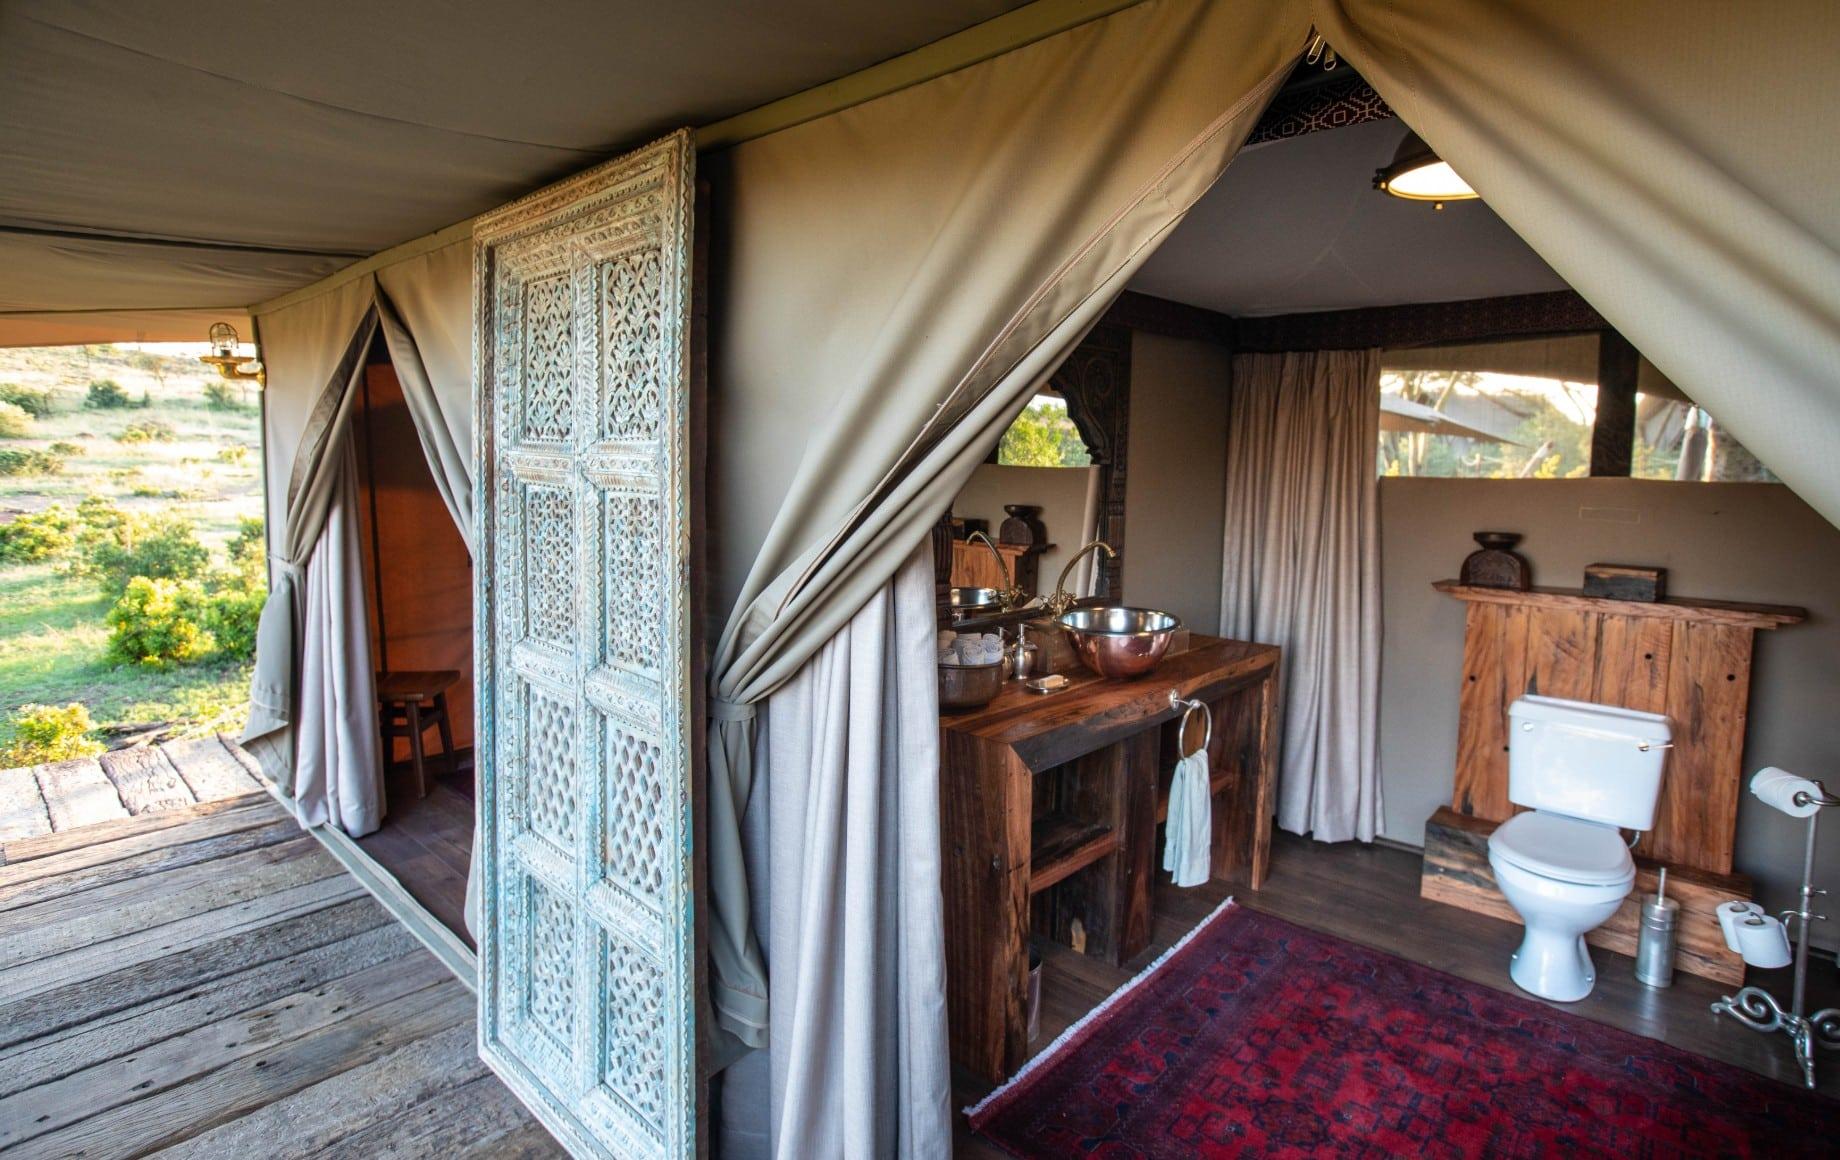 two adjoining rooms at Mara Nyika